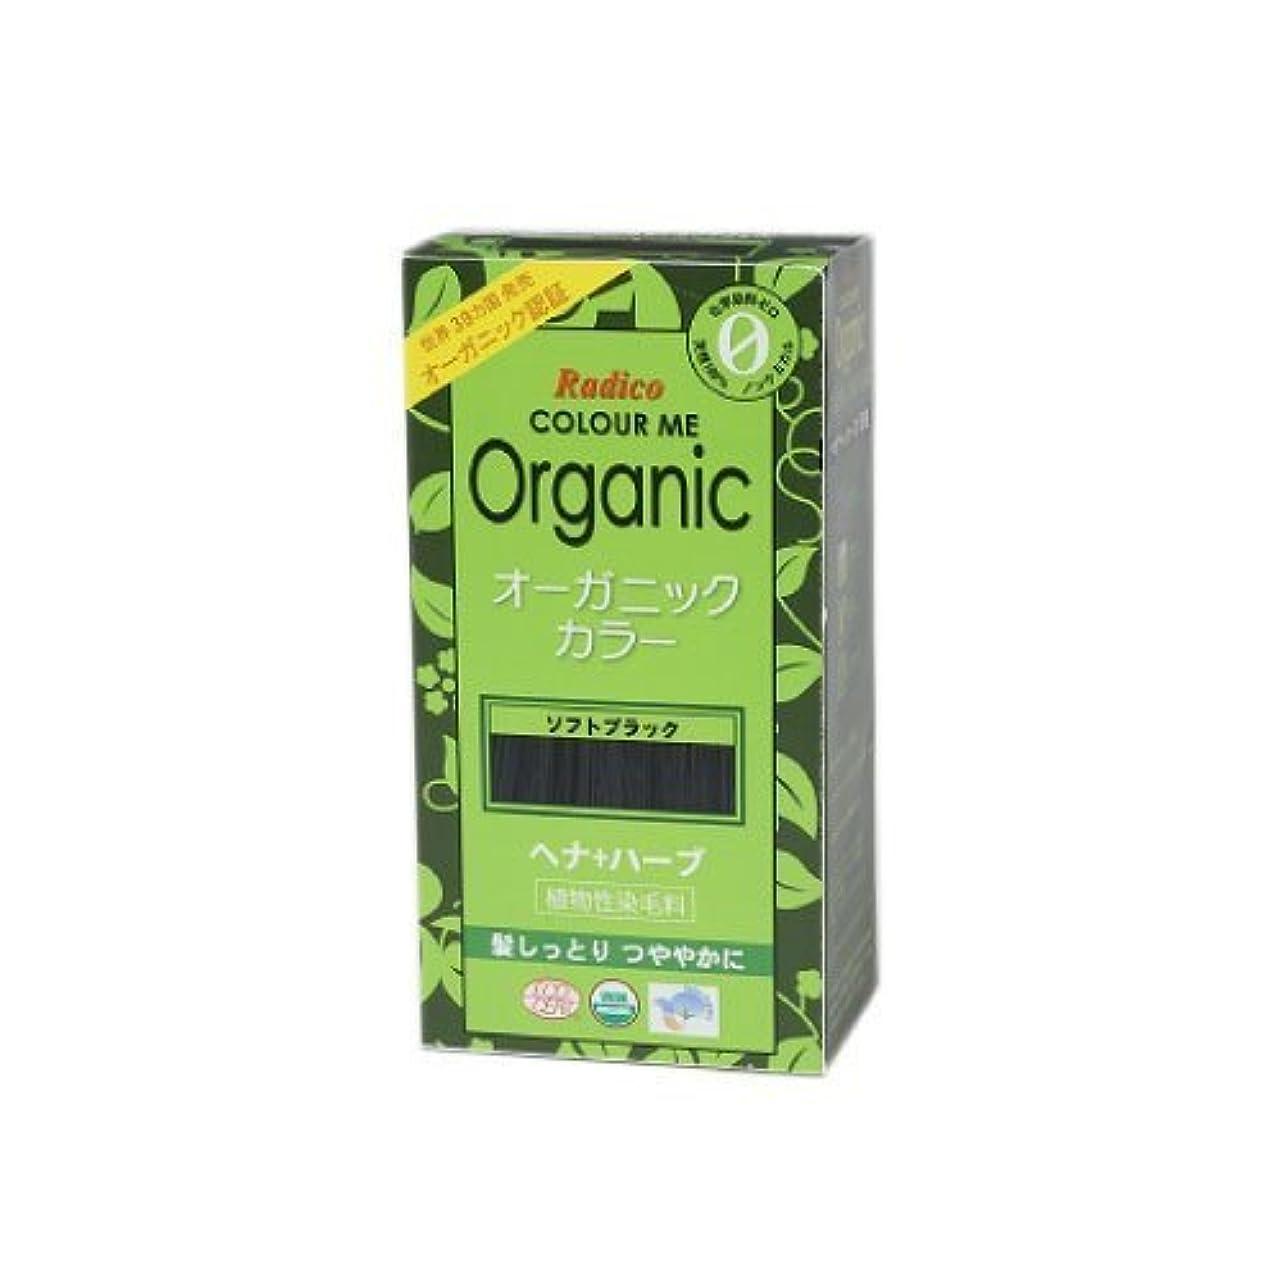 常習者シンジケート家事COLOURME Organic (カラーミーオーガニック ヘナ 白髪用 髪色戻し) ソフトブラック 100g